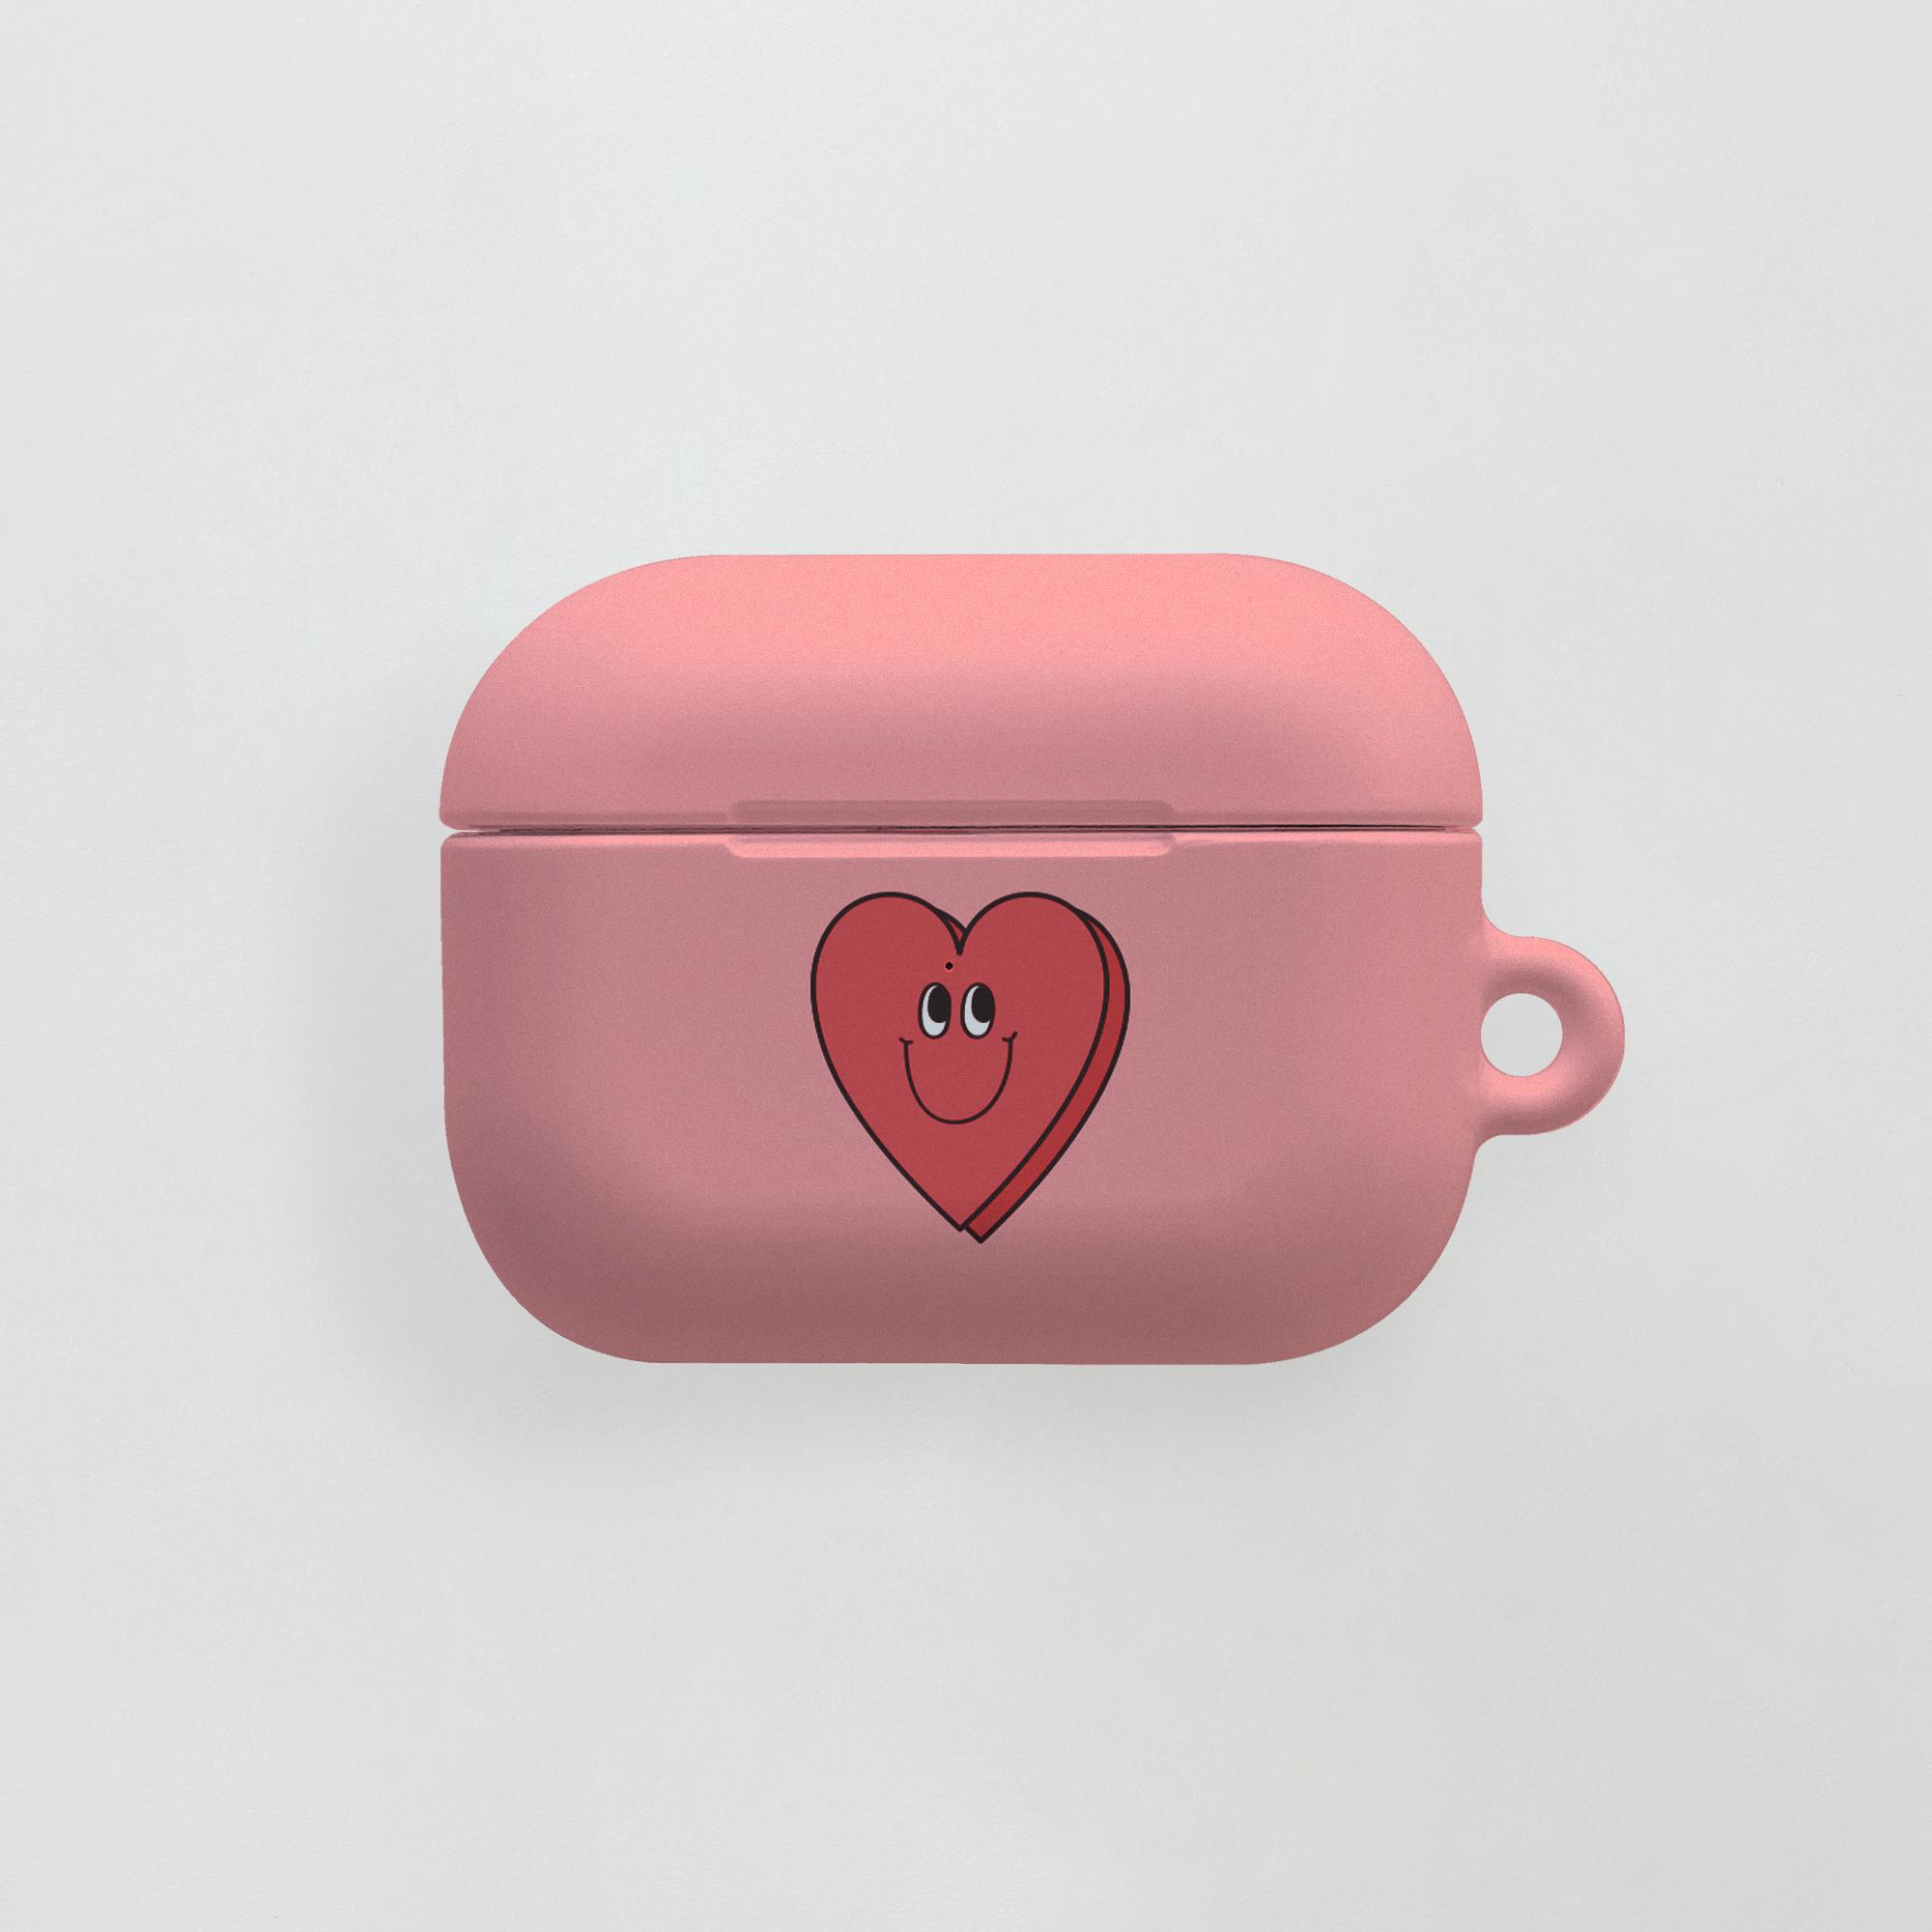 air pro) 욜로 하트 하나 핑크 . 에어팟케이스 에어팟프로케이스 투명케이스 젤리 하드케이스 실리콘케이스